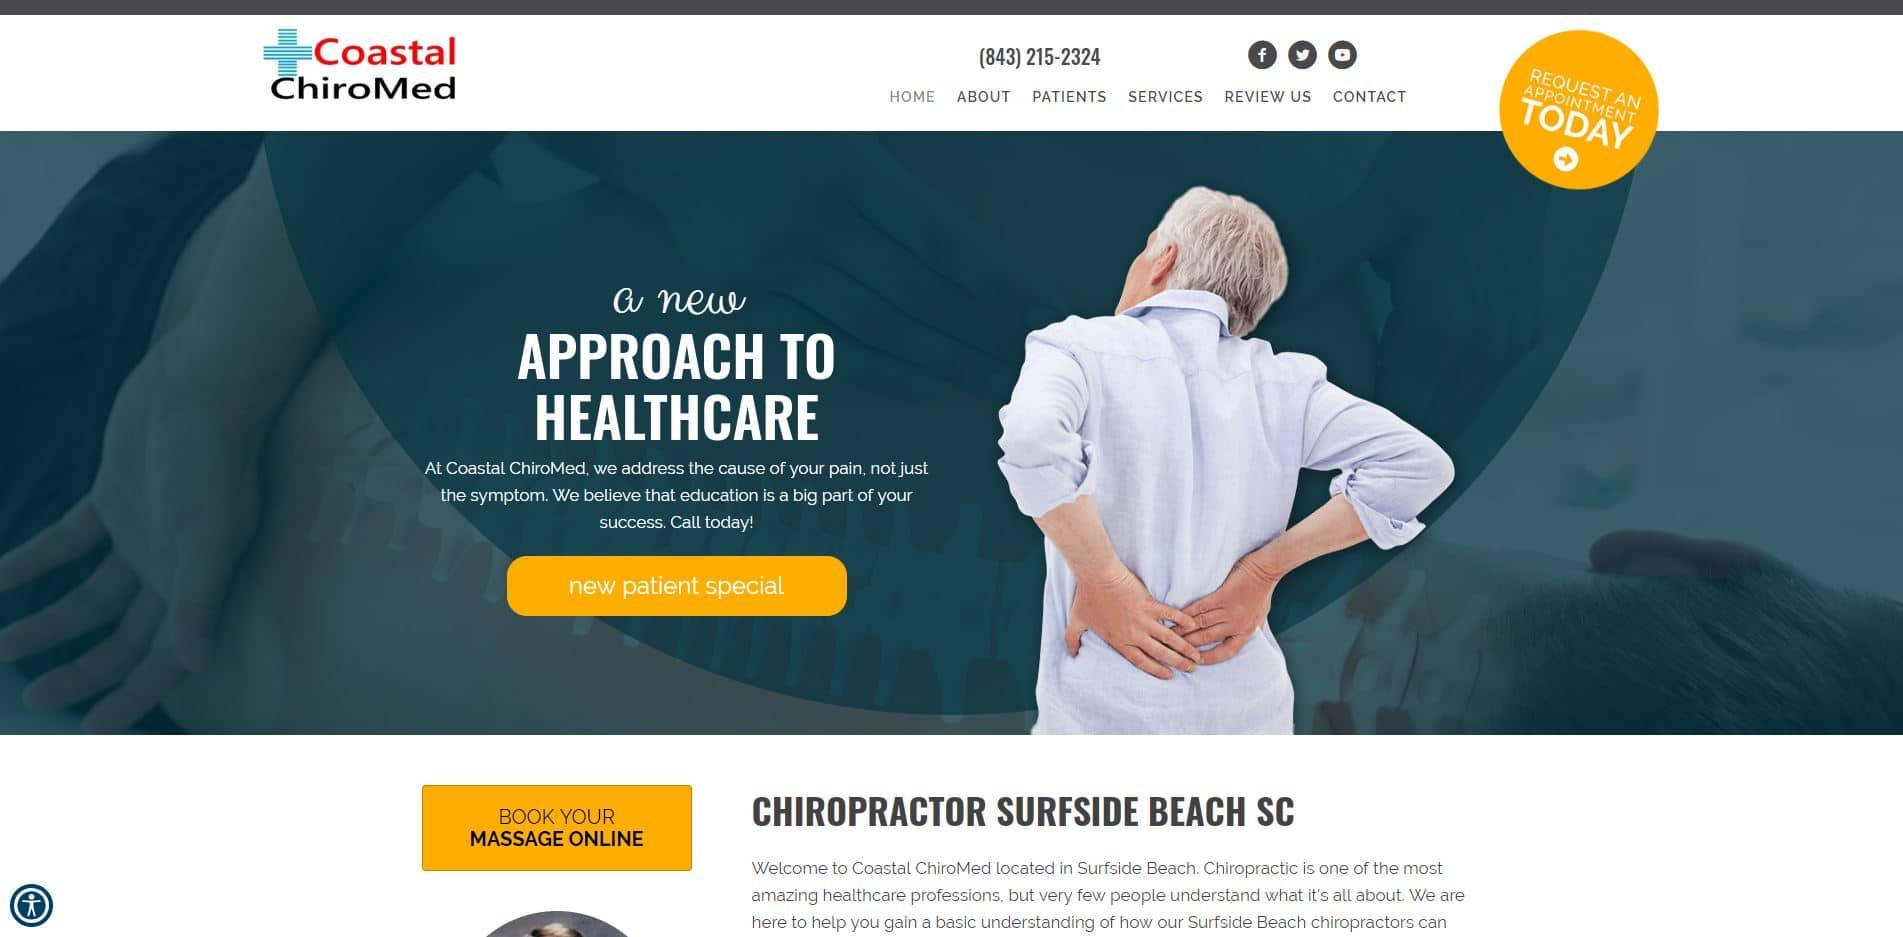 Chiropractor in Surfside Beach